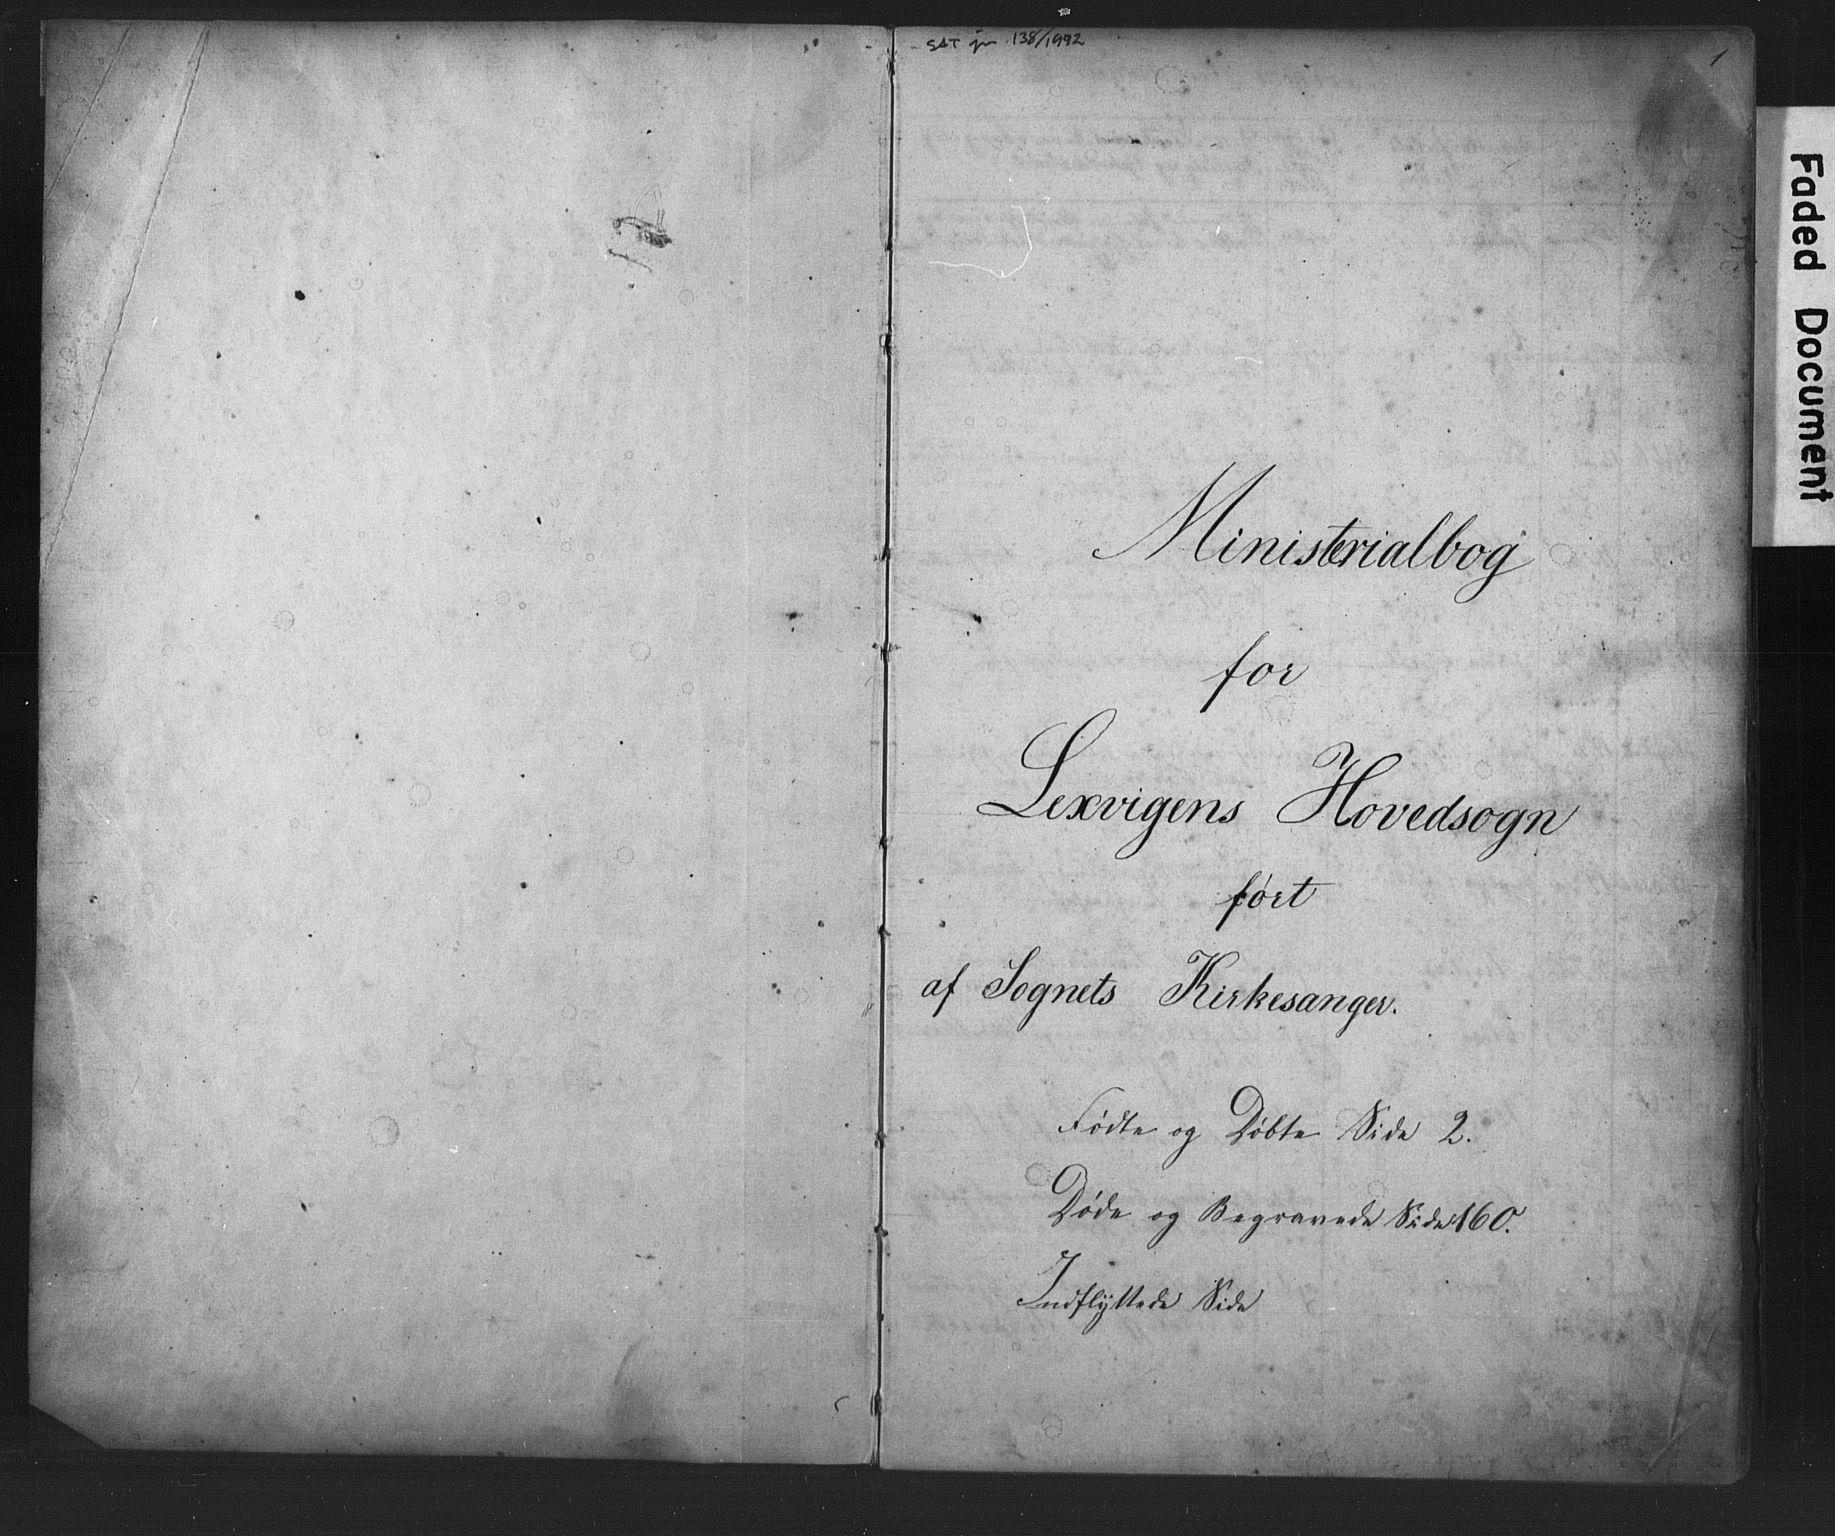 SAT, Ministerialprotokoller, klokkerbøker og fødselsregistre - Nord-Trøndelag, 701/L0018: Klokkerbok nr. 701C02, 1868-1872, s. 1